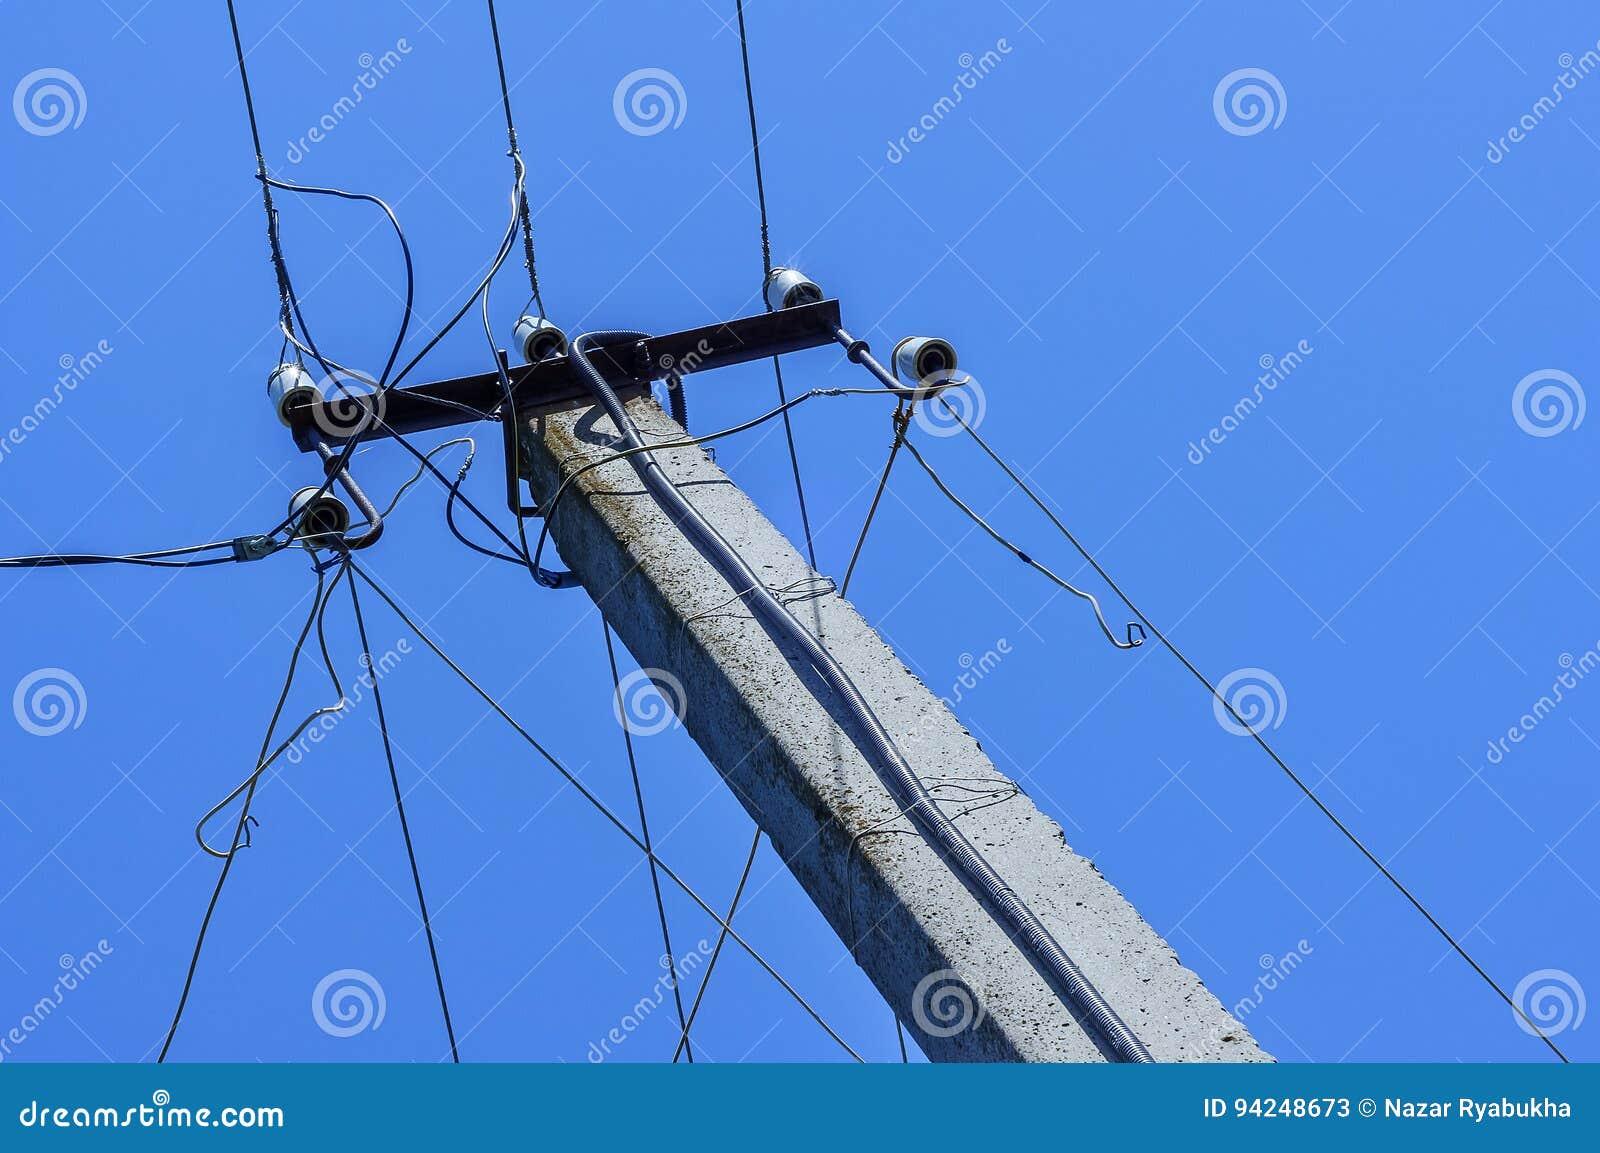 Ziemlich Computer Clipart Drähte Bilder - Die Besten Elektrischen ...